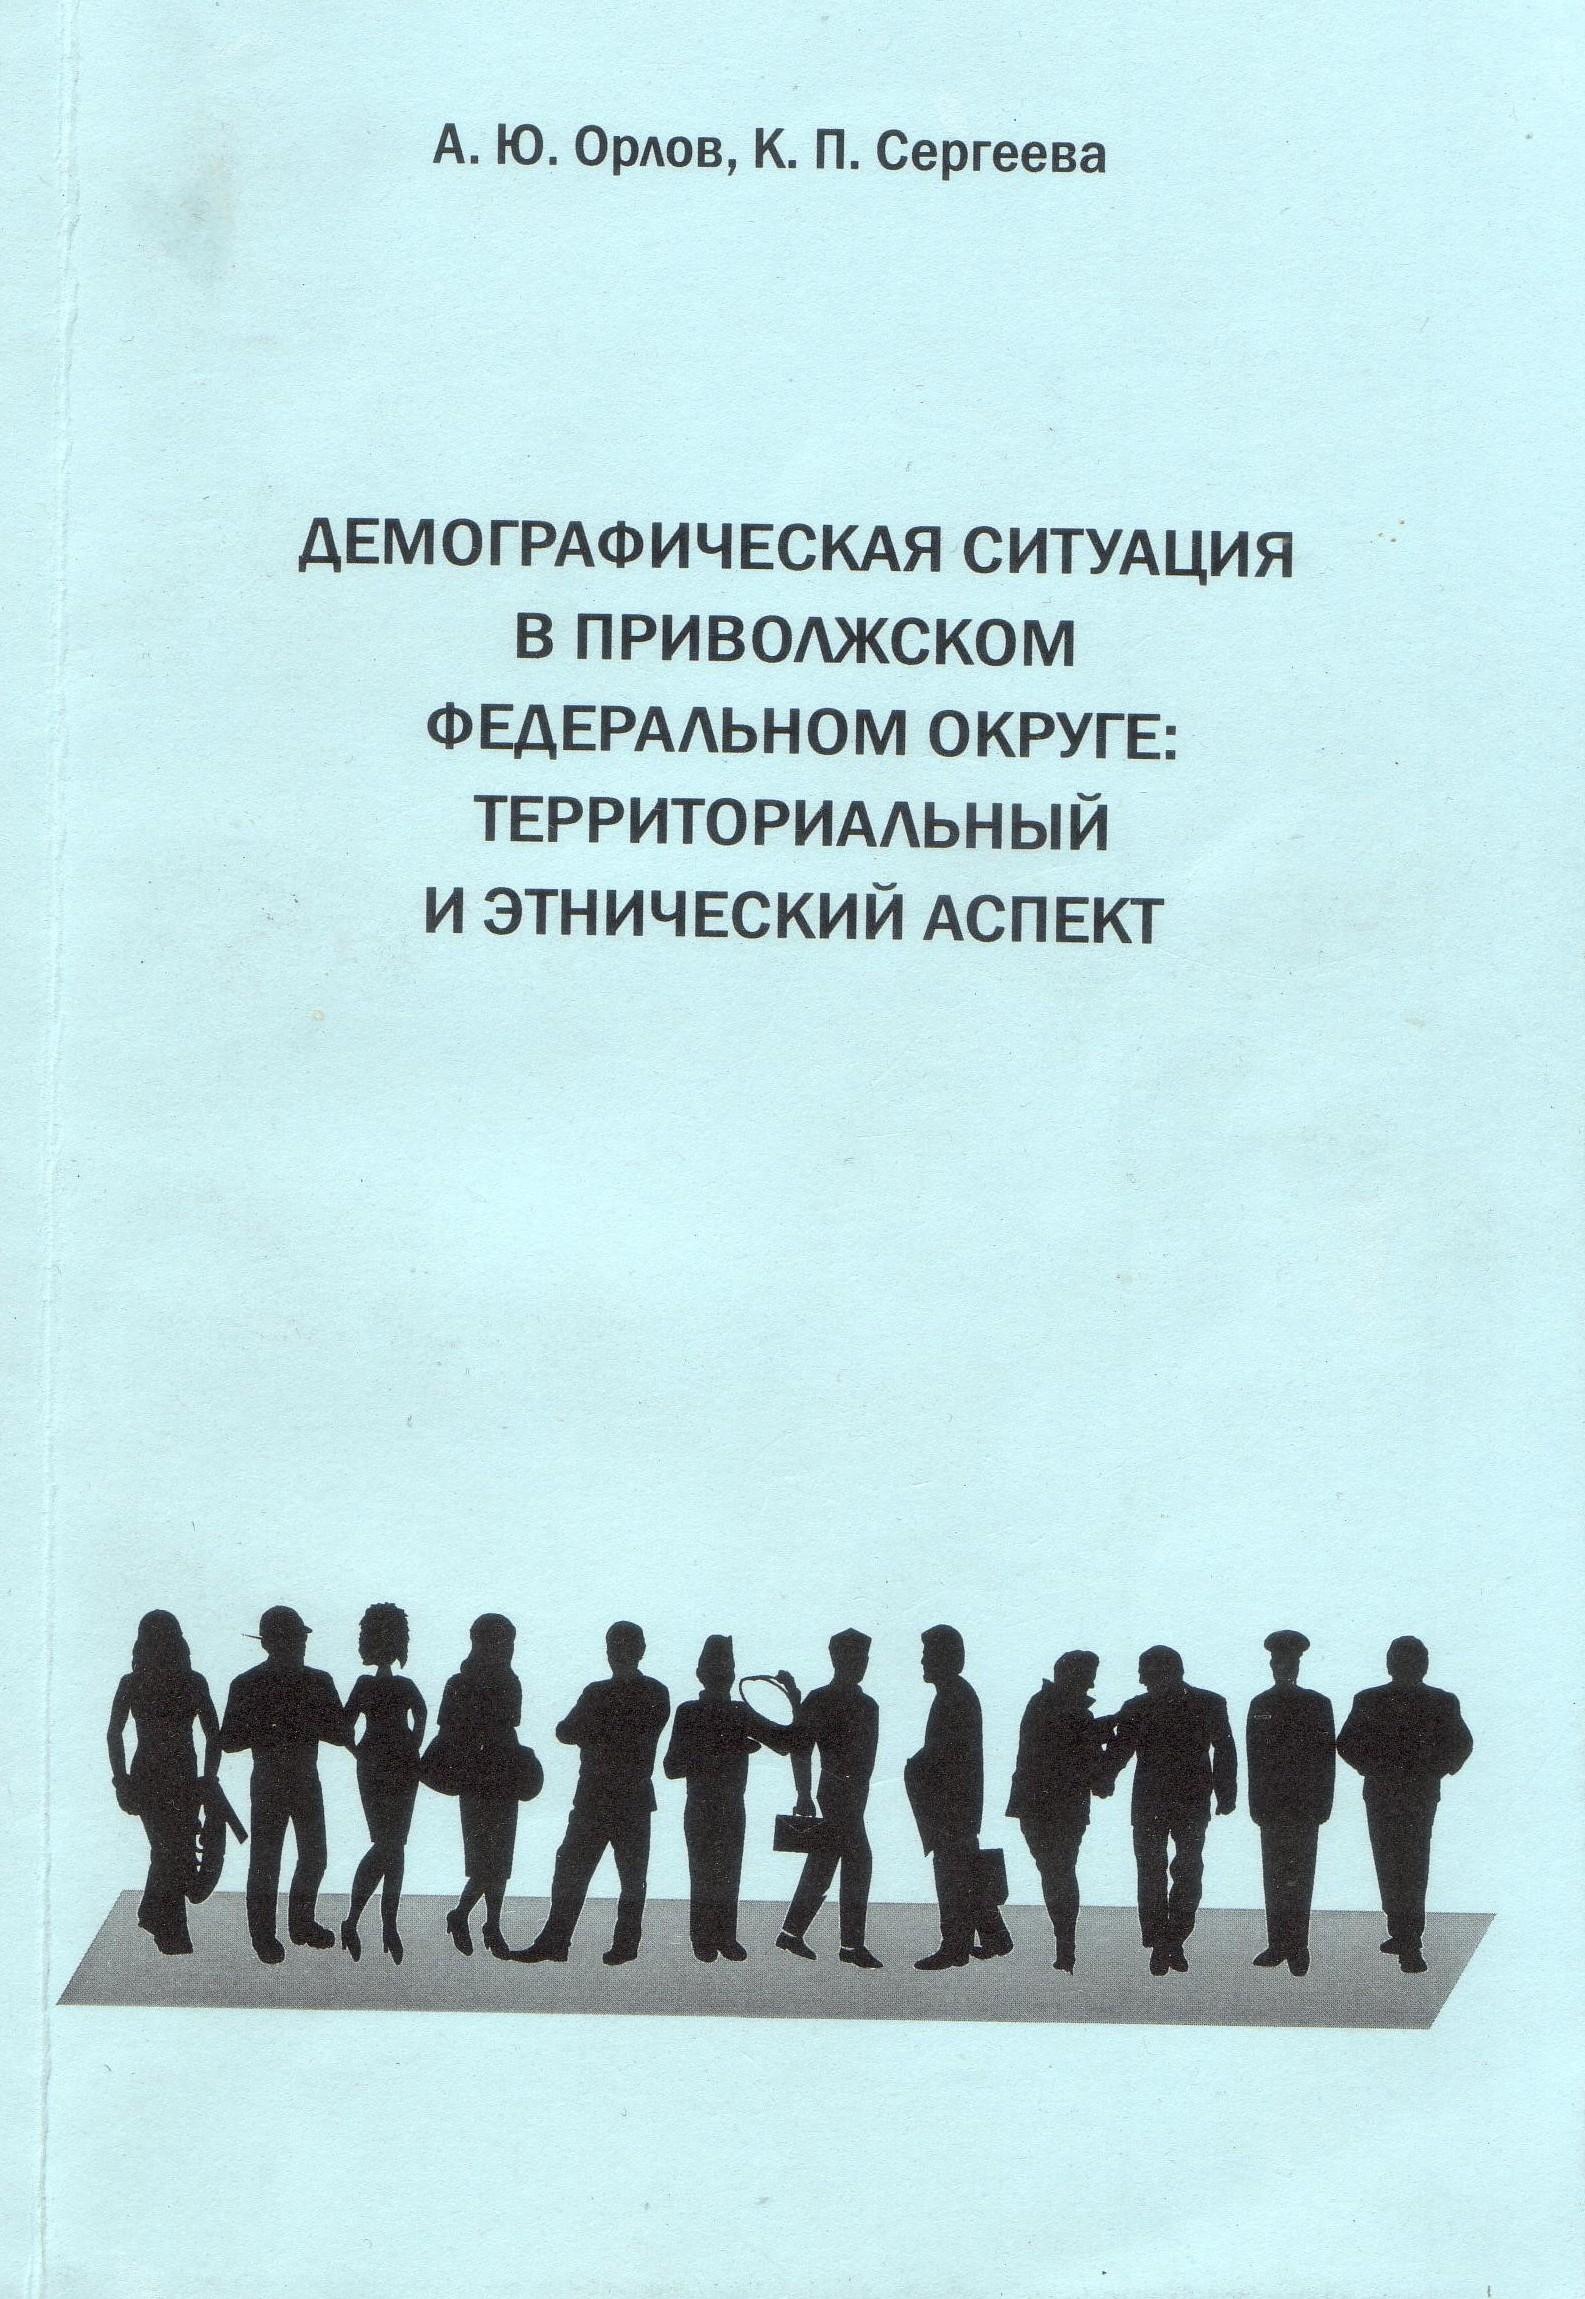 Демографическая ситуация в Приволжском федеральном округе: территориальный и этнический аспект